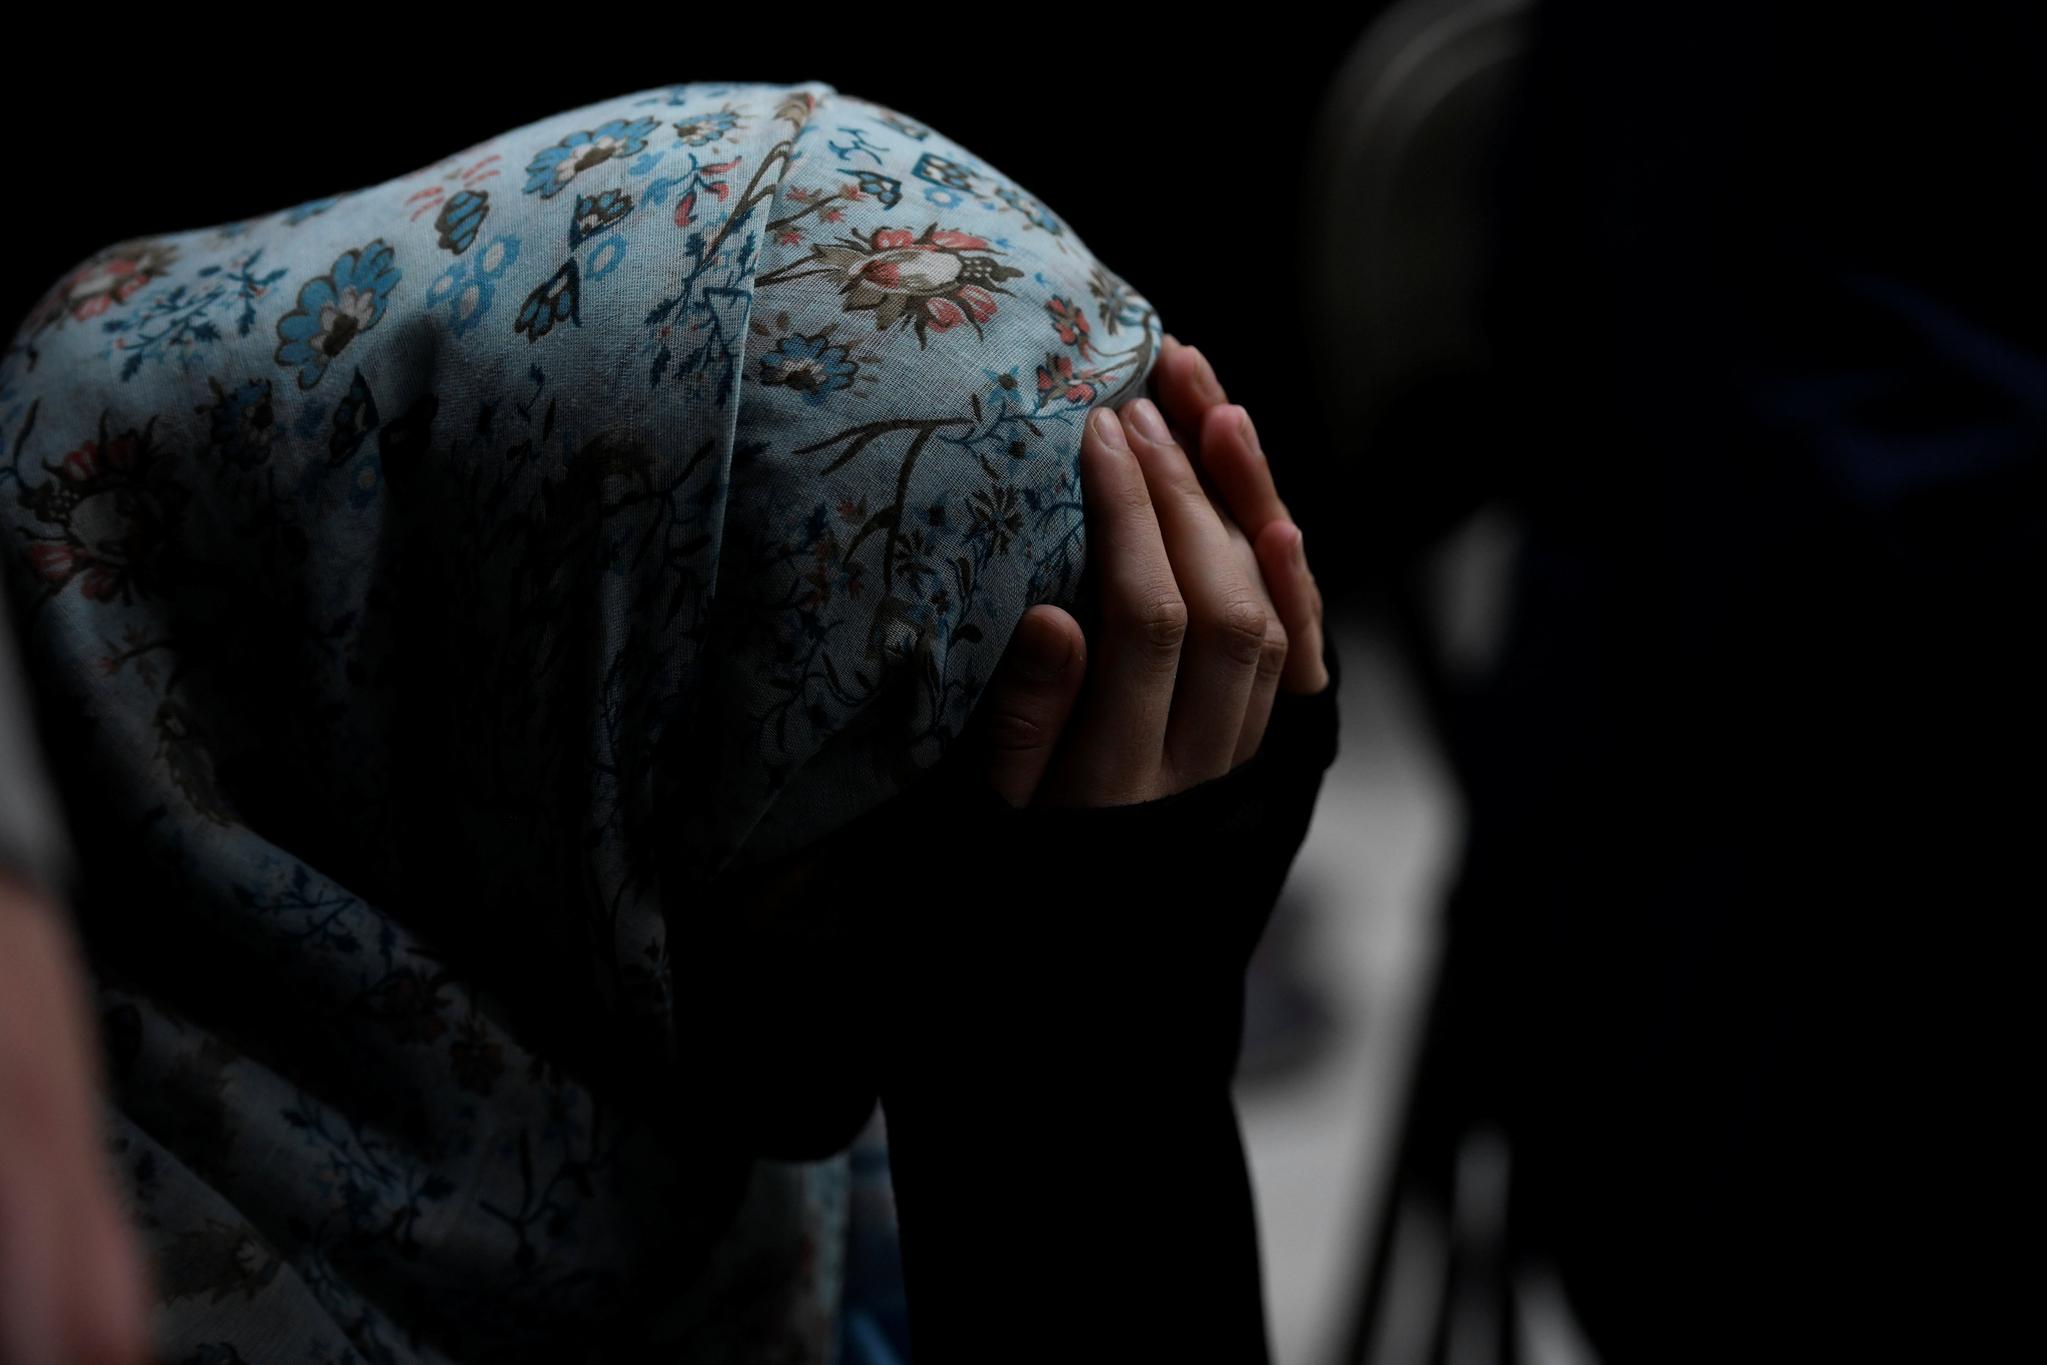 16일(현지시간) 뉴질랜드 크라이스트처이에서 한 여성이 희생자를 추모하며 슬퍼하고 있다. [로이터=연합뉴스]